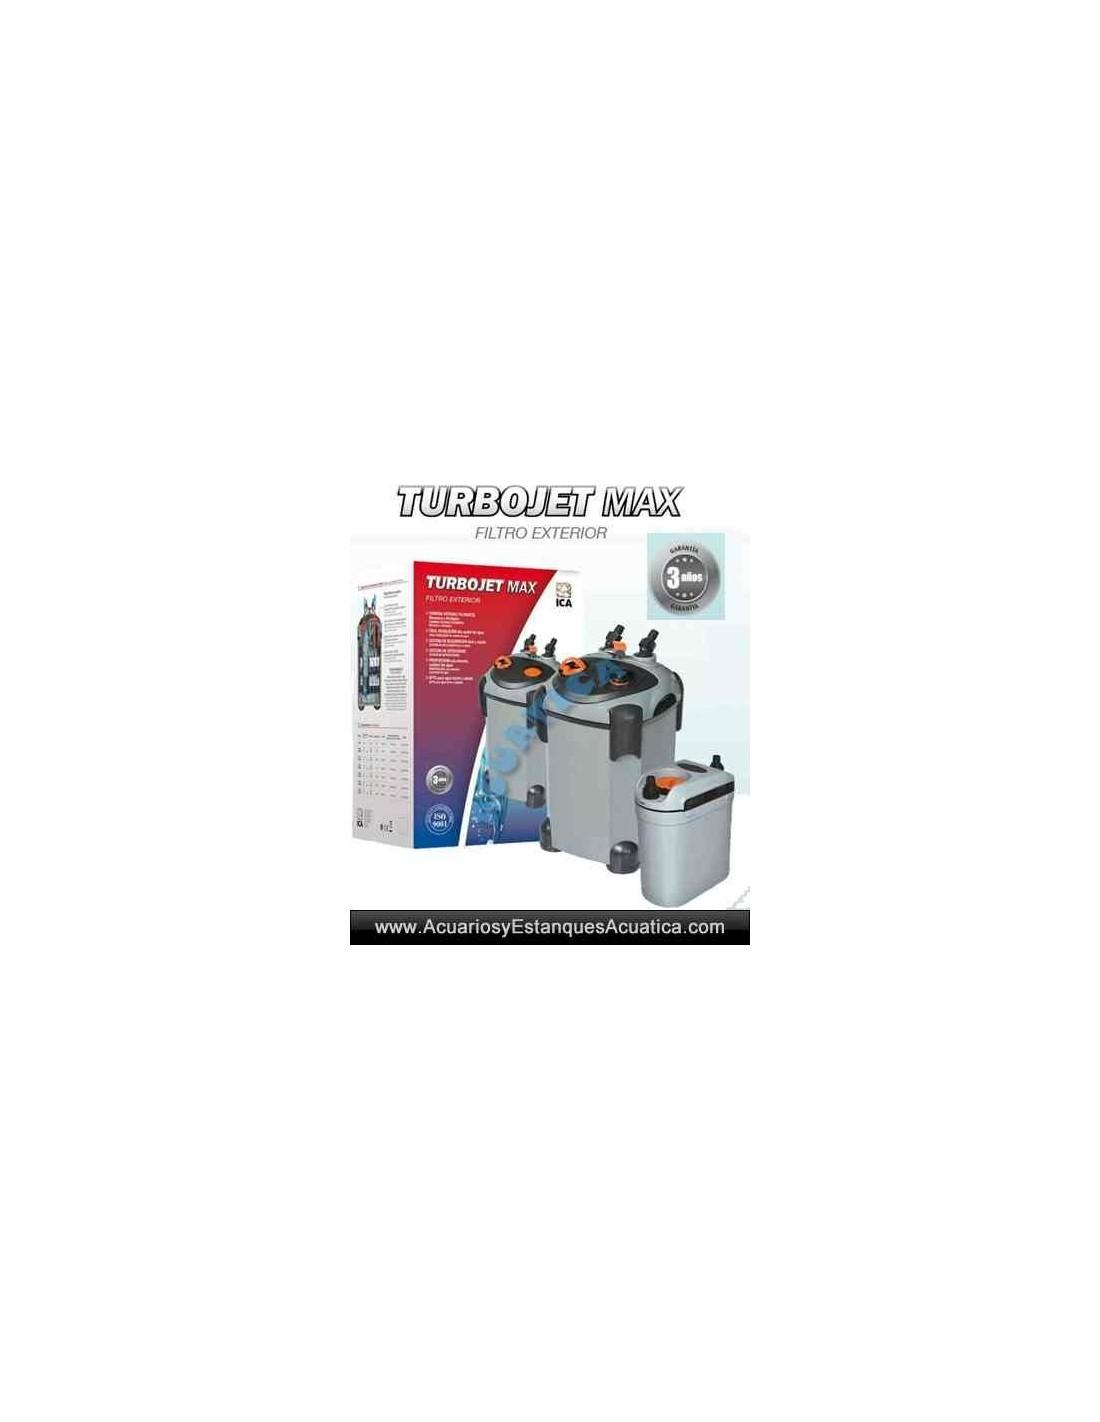 Filtro externo turbojet max acuarios acuarios y for Compro estanque de agua